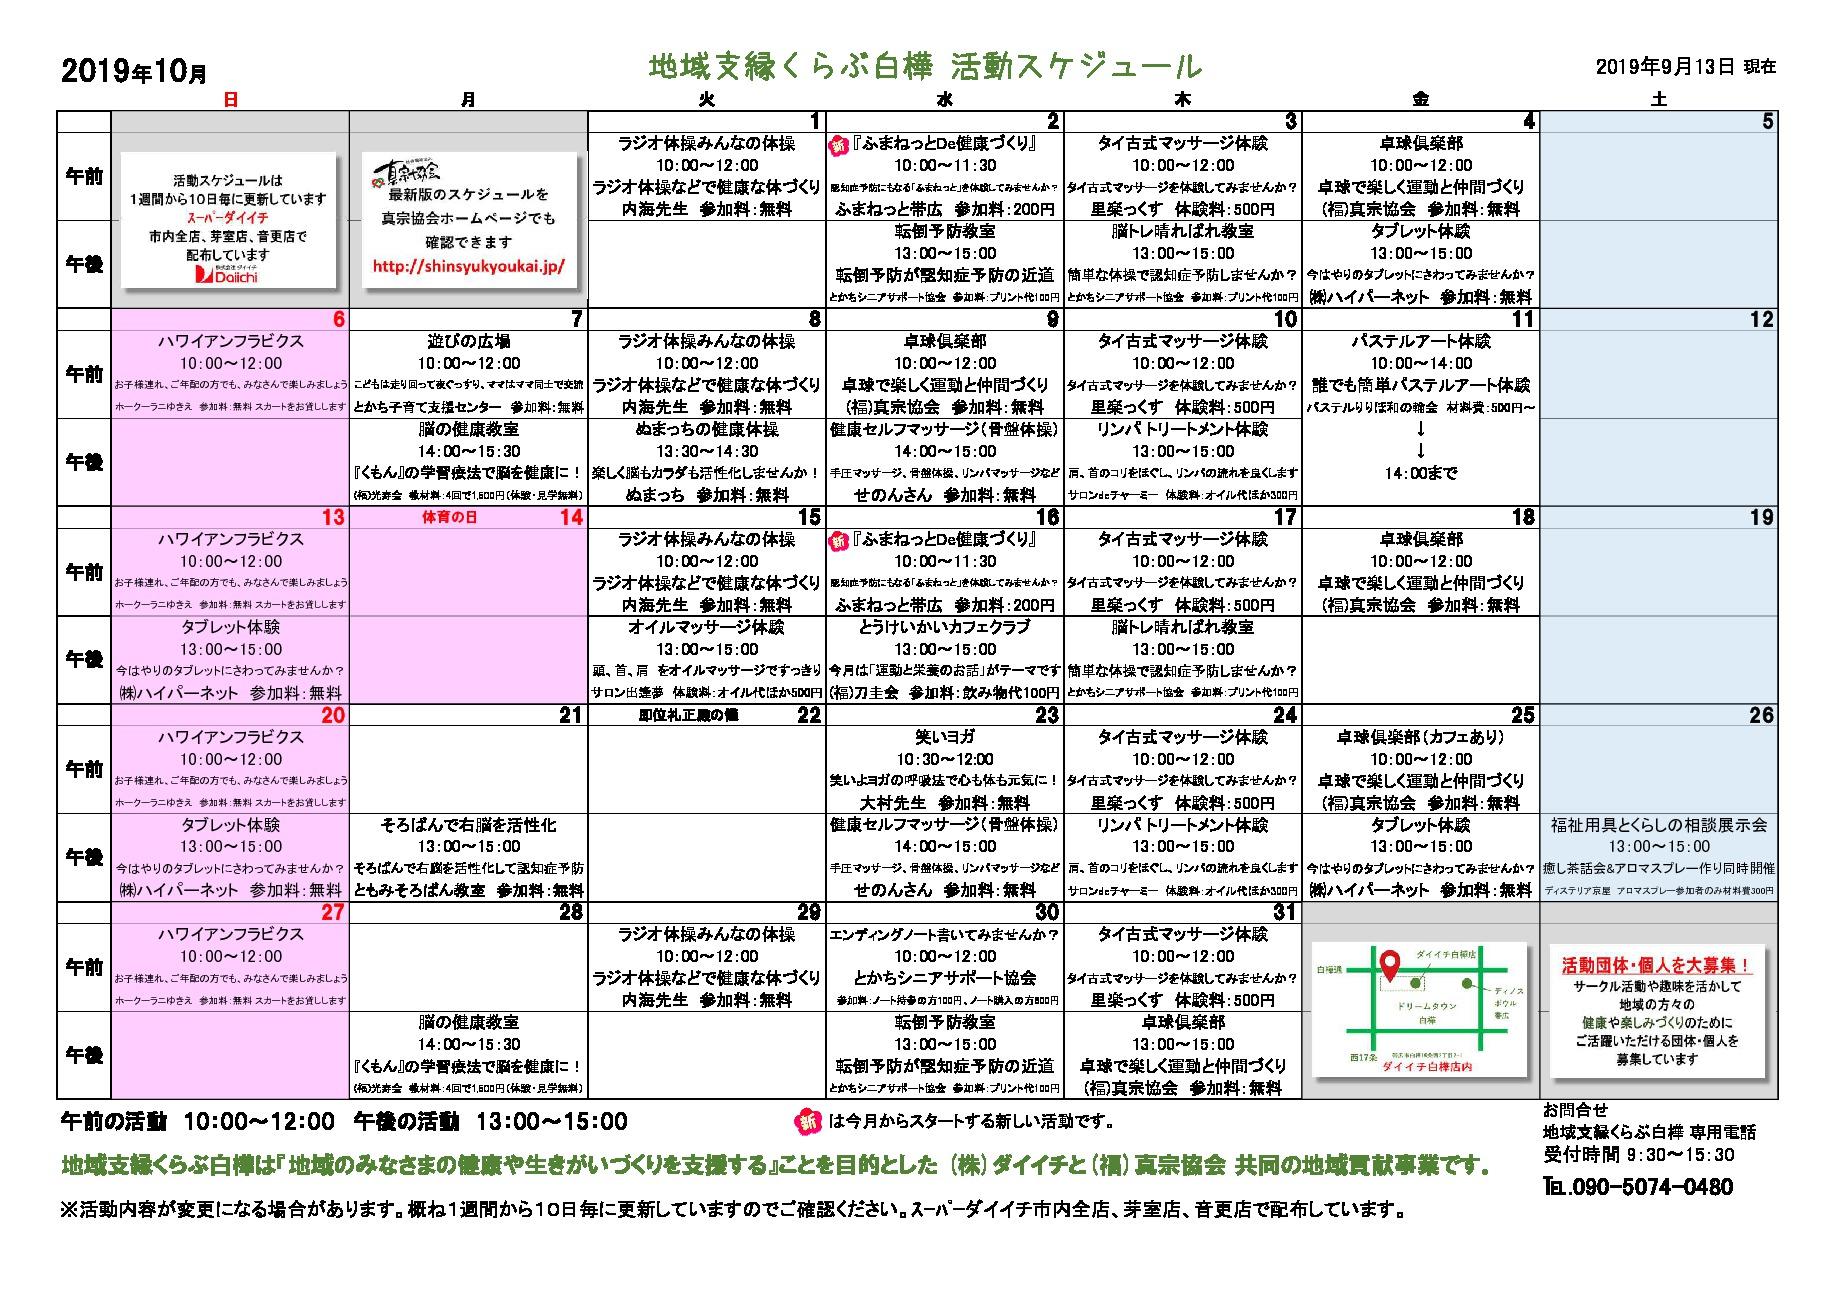 2019活動スケジュール10(2019.9.13付)のサムネイル